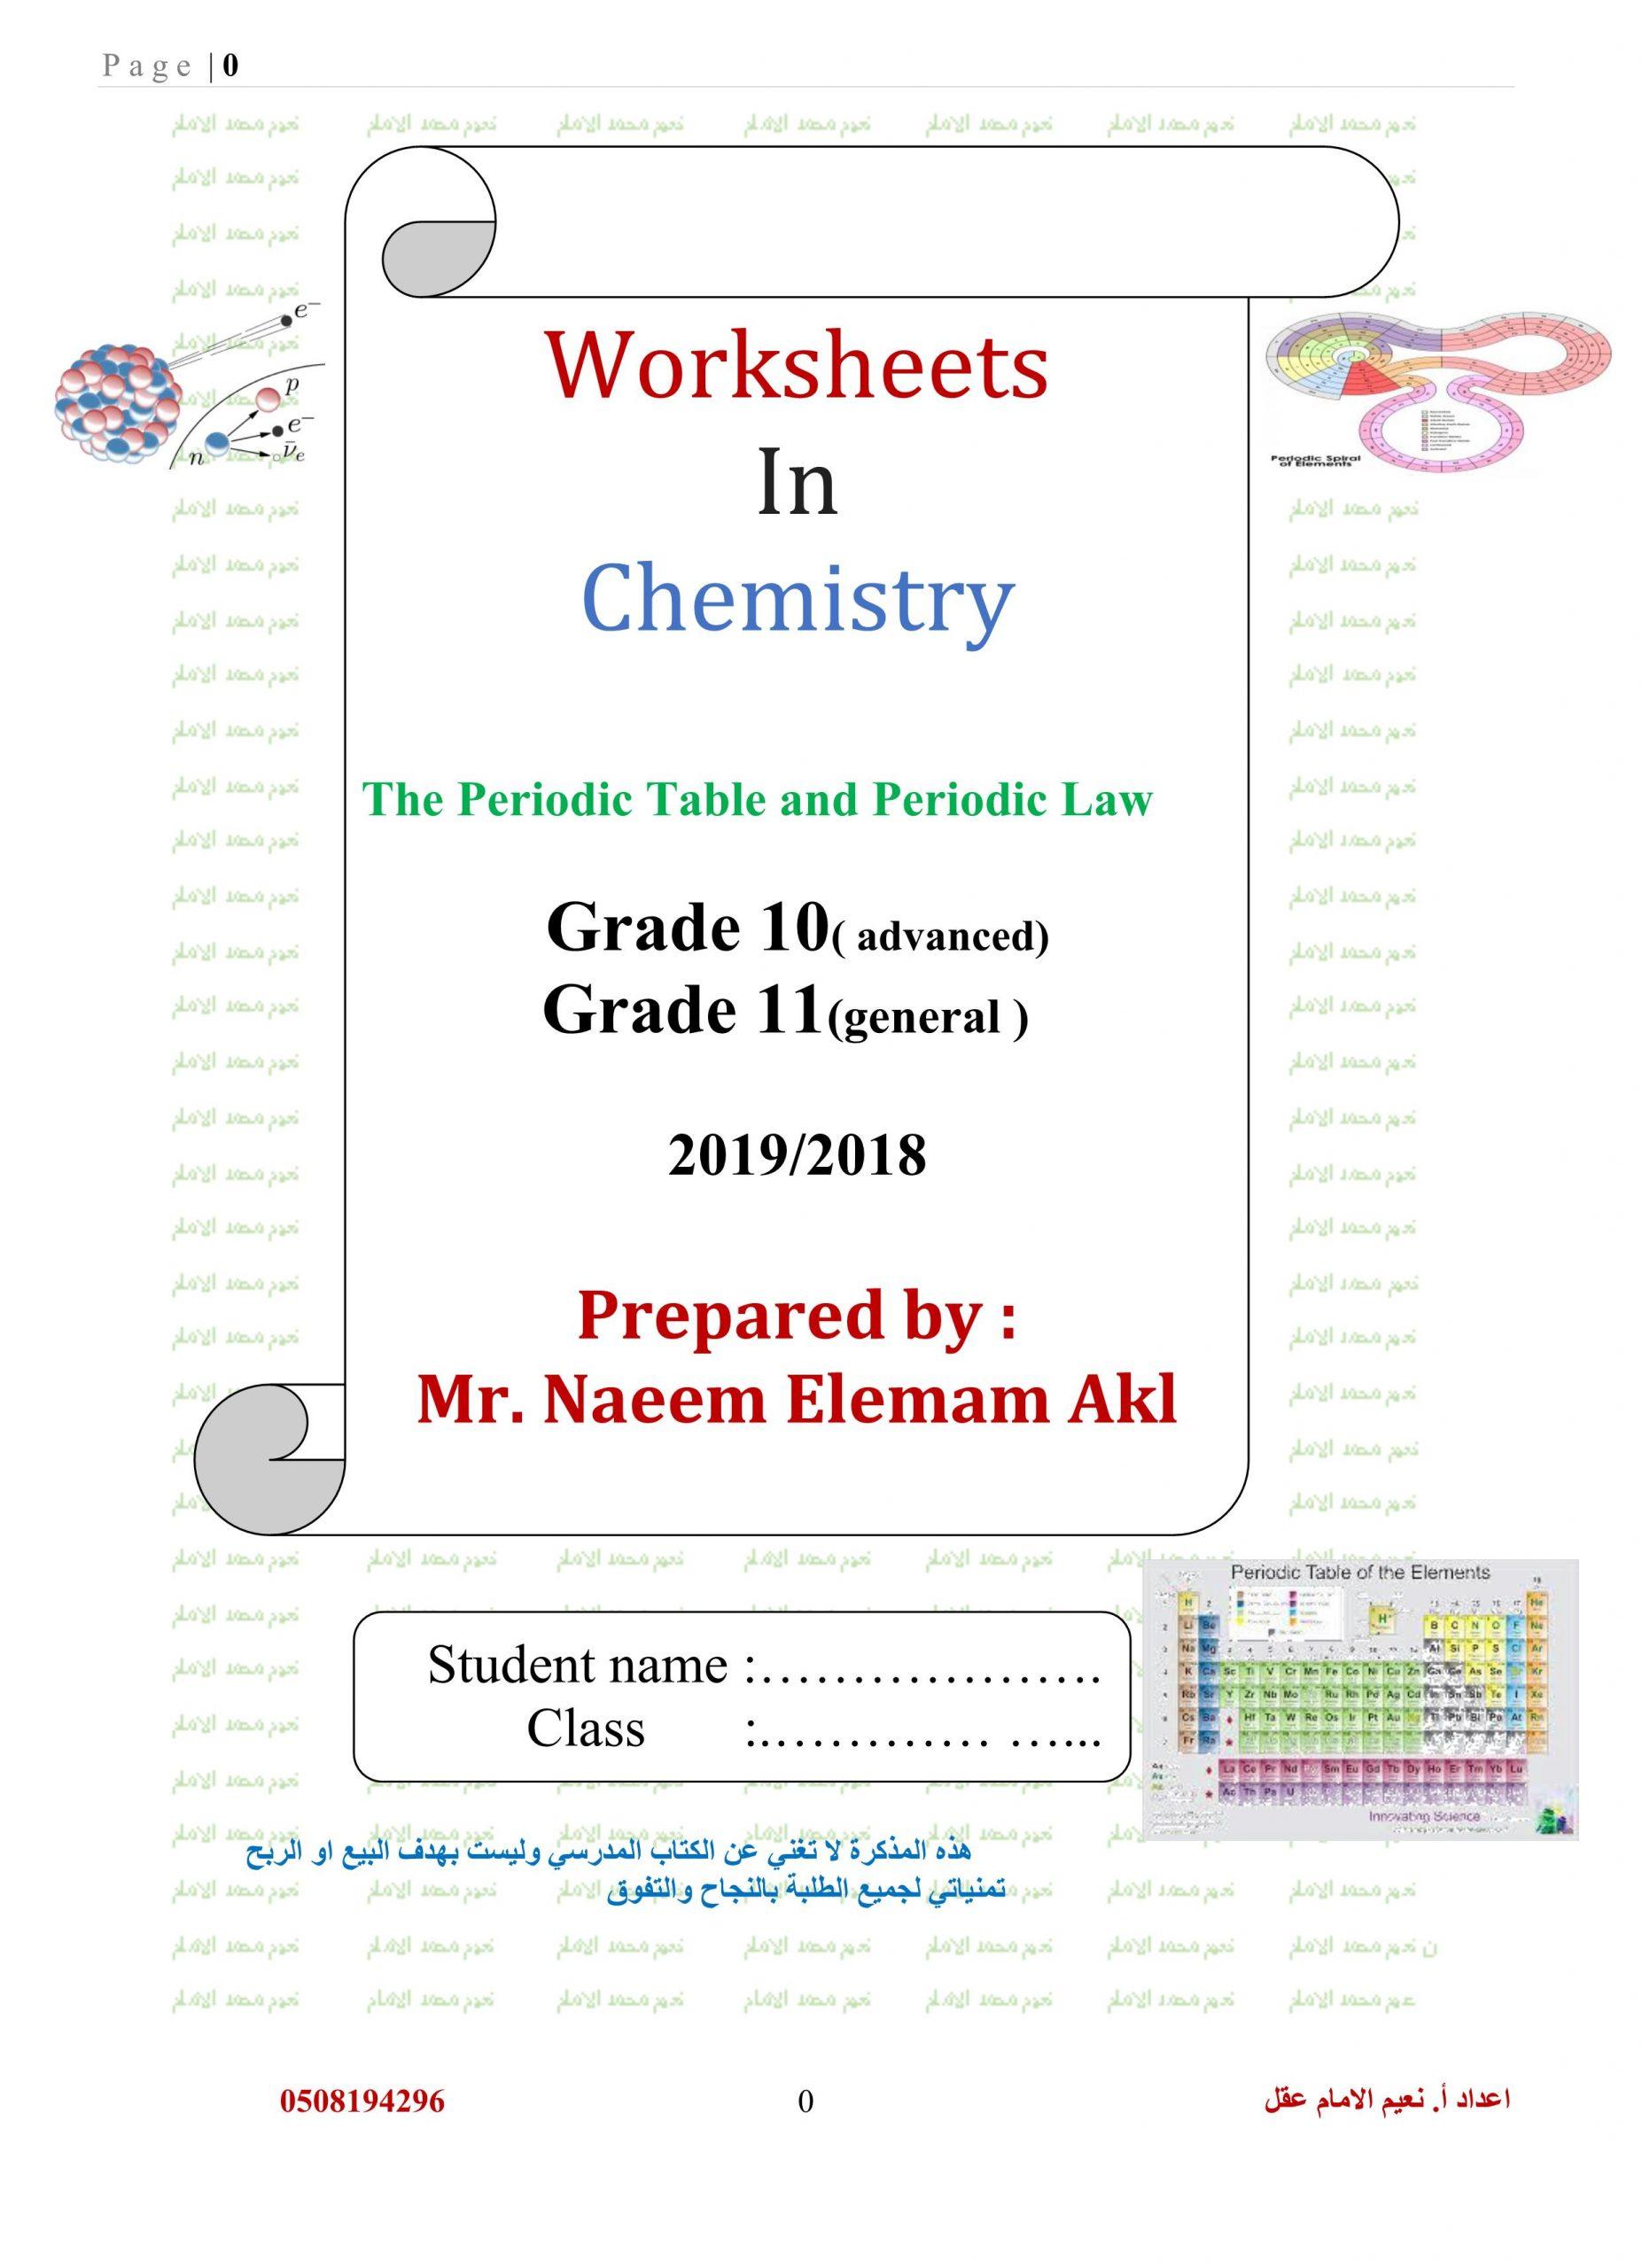 ملخص The Periodic Table and Periodic Law بالانجليزي للصف العاشر مادة الكيمياء